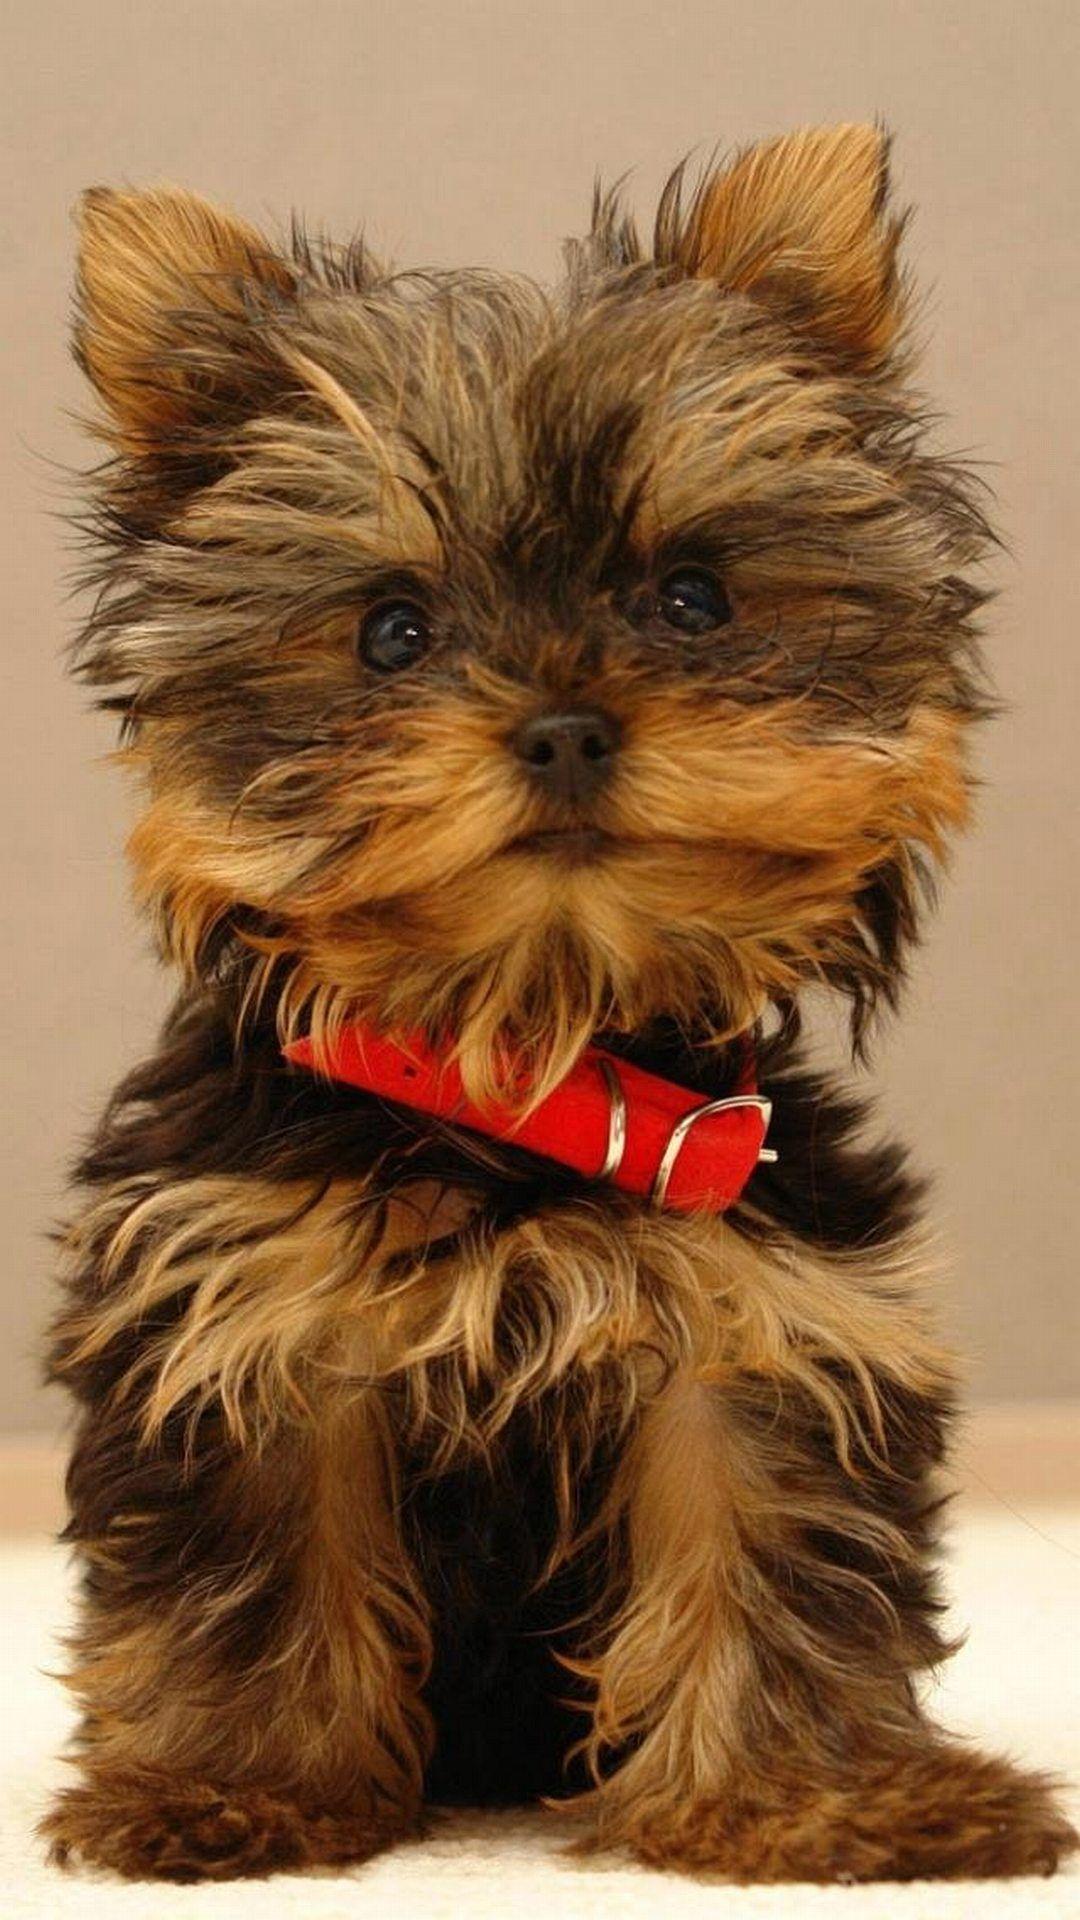 Yorkshire Terrier Puppy Best Htc One Wallpapers Free And Easy To Download Yorkshire Terrier Puppies Yorkie Puppy Yorkshire Terrier Dog